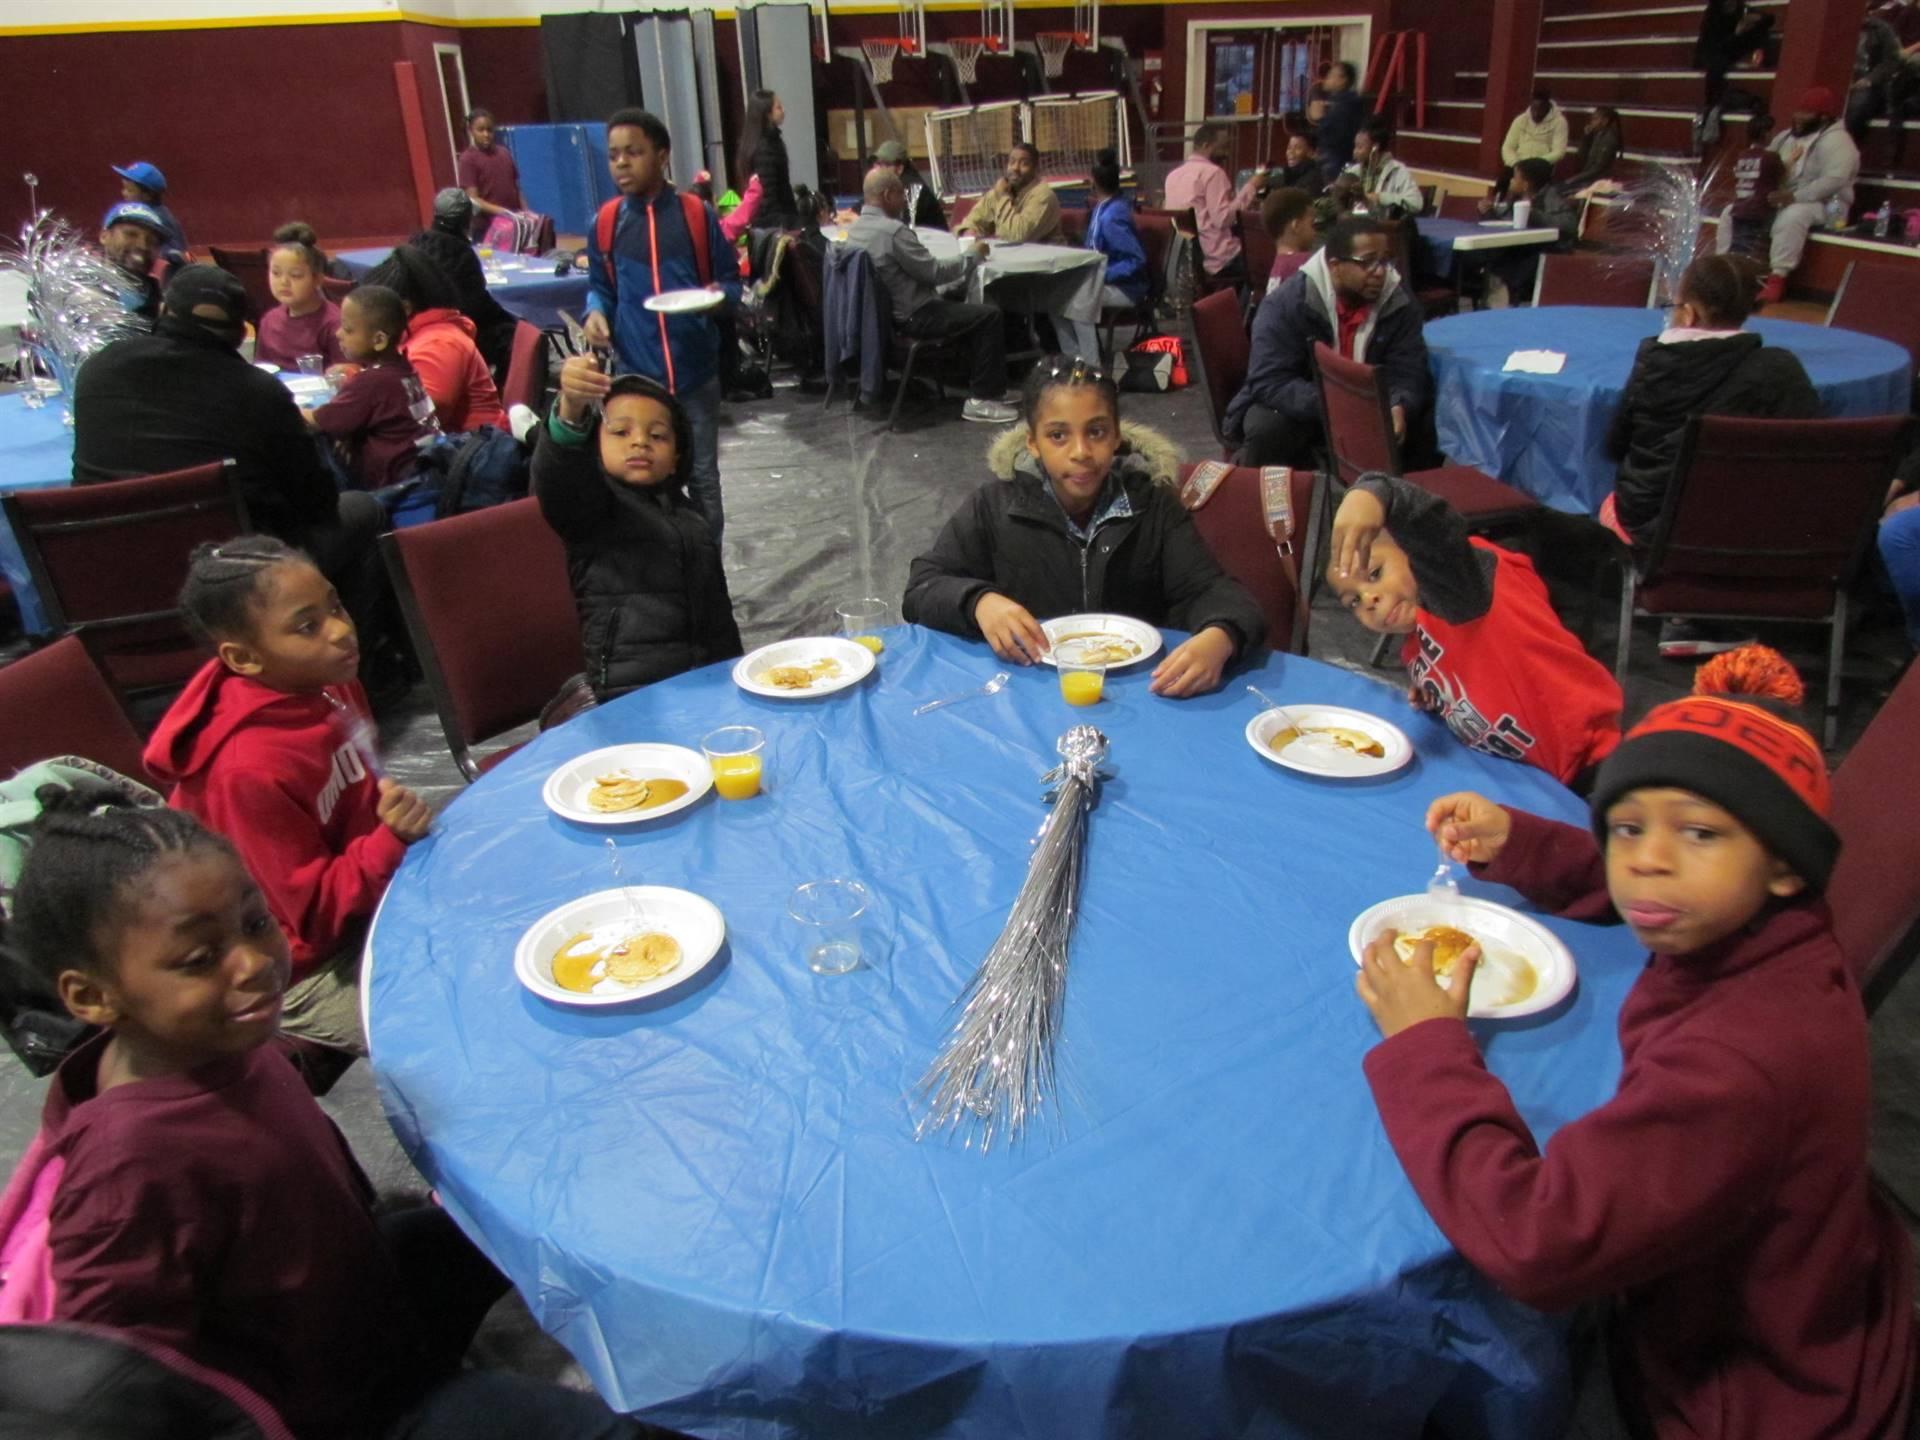 6 kids at table eating pancakes